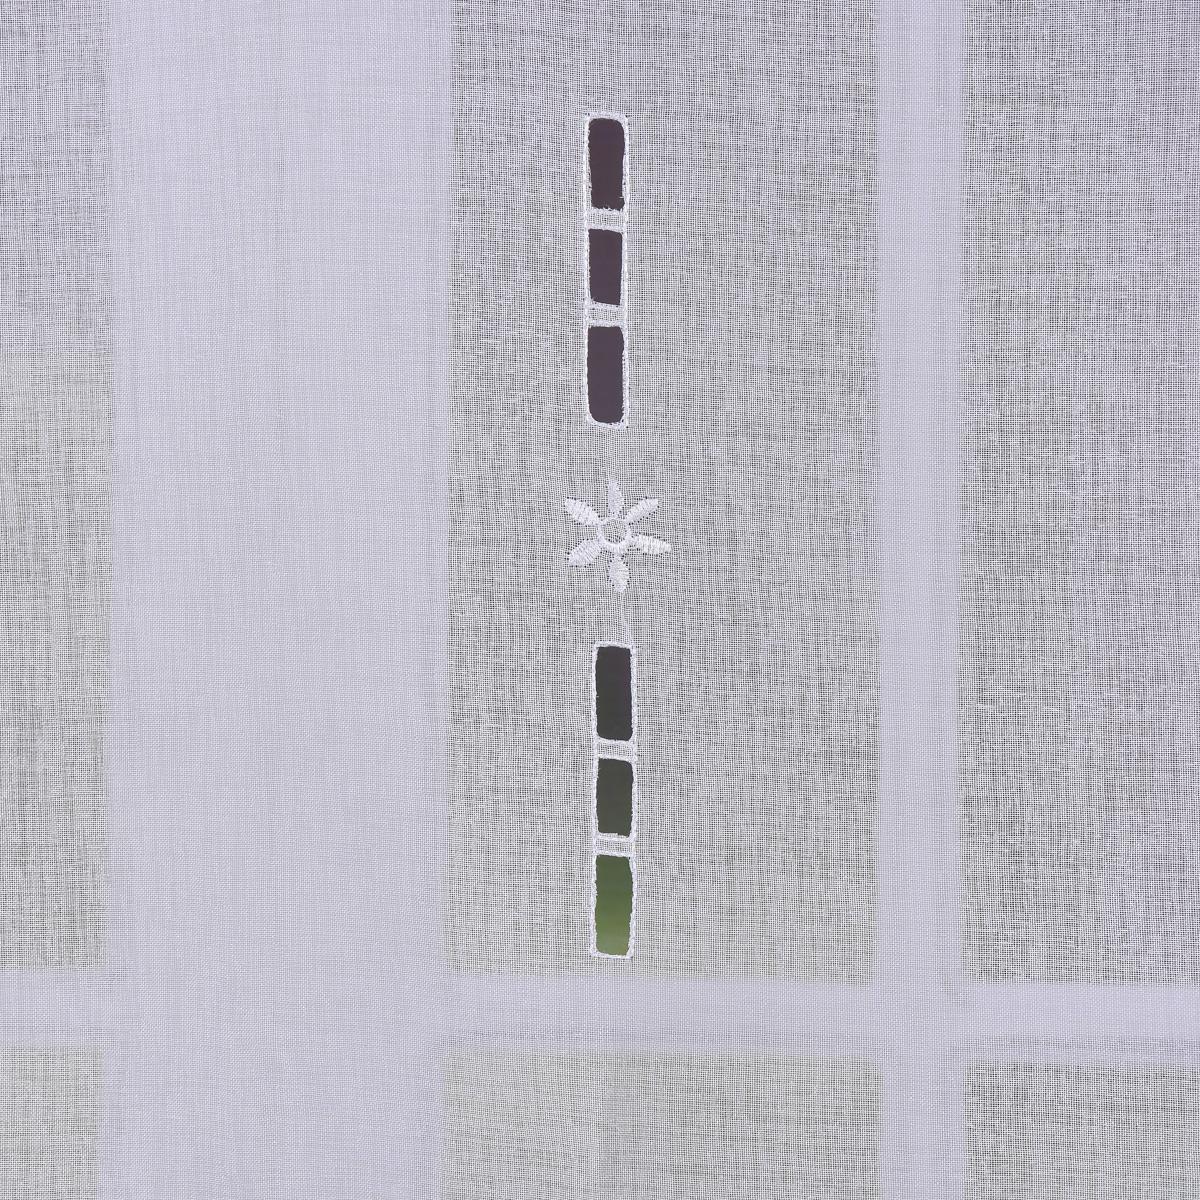 Full Size of Fensterbehang Scheibengardine Fertiggardine Leinenstruktur Scheibengardinen Küche Wohnzimmer Scheibengardinen Balkontür